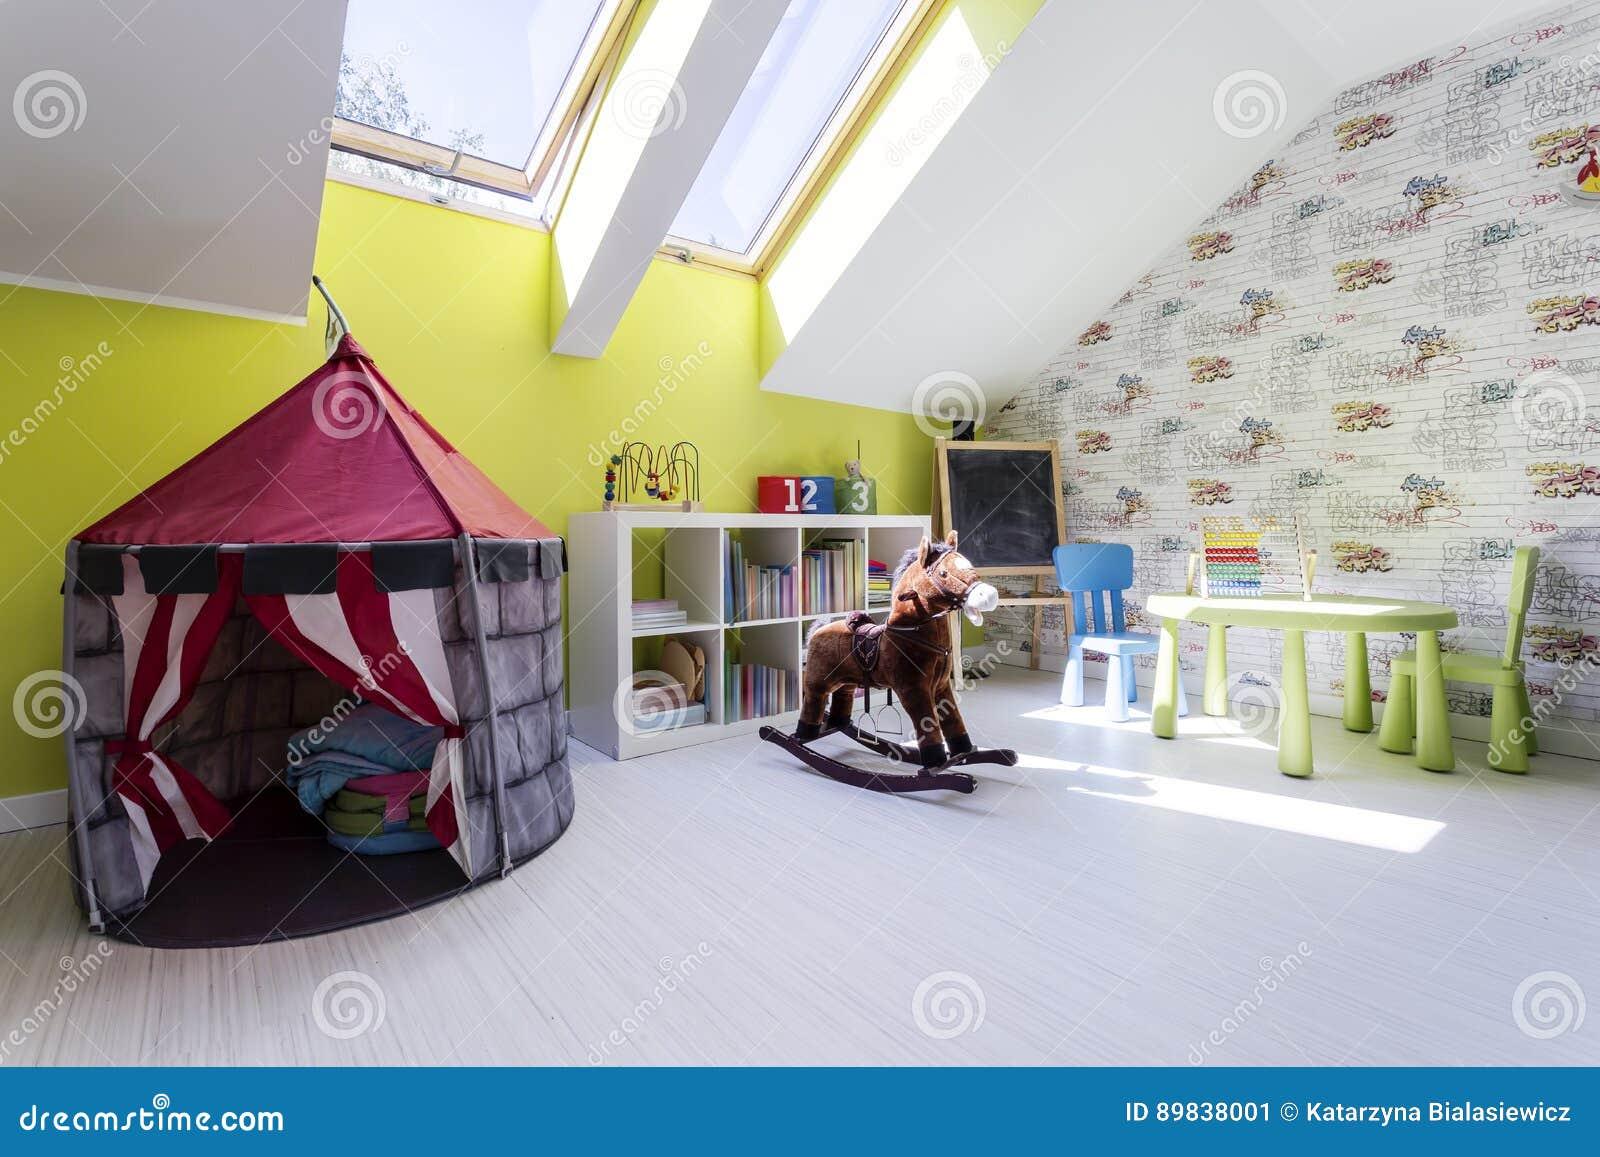 Stanza dei bambini con la tenda del gioco e un cavallo a dondolo